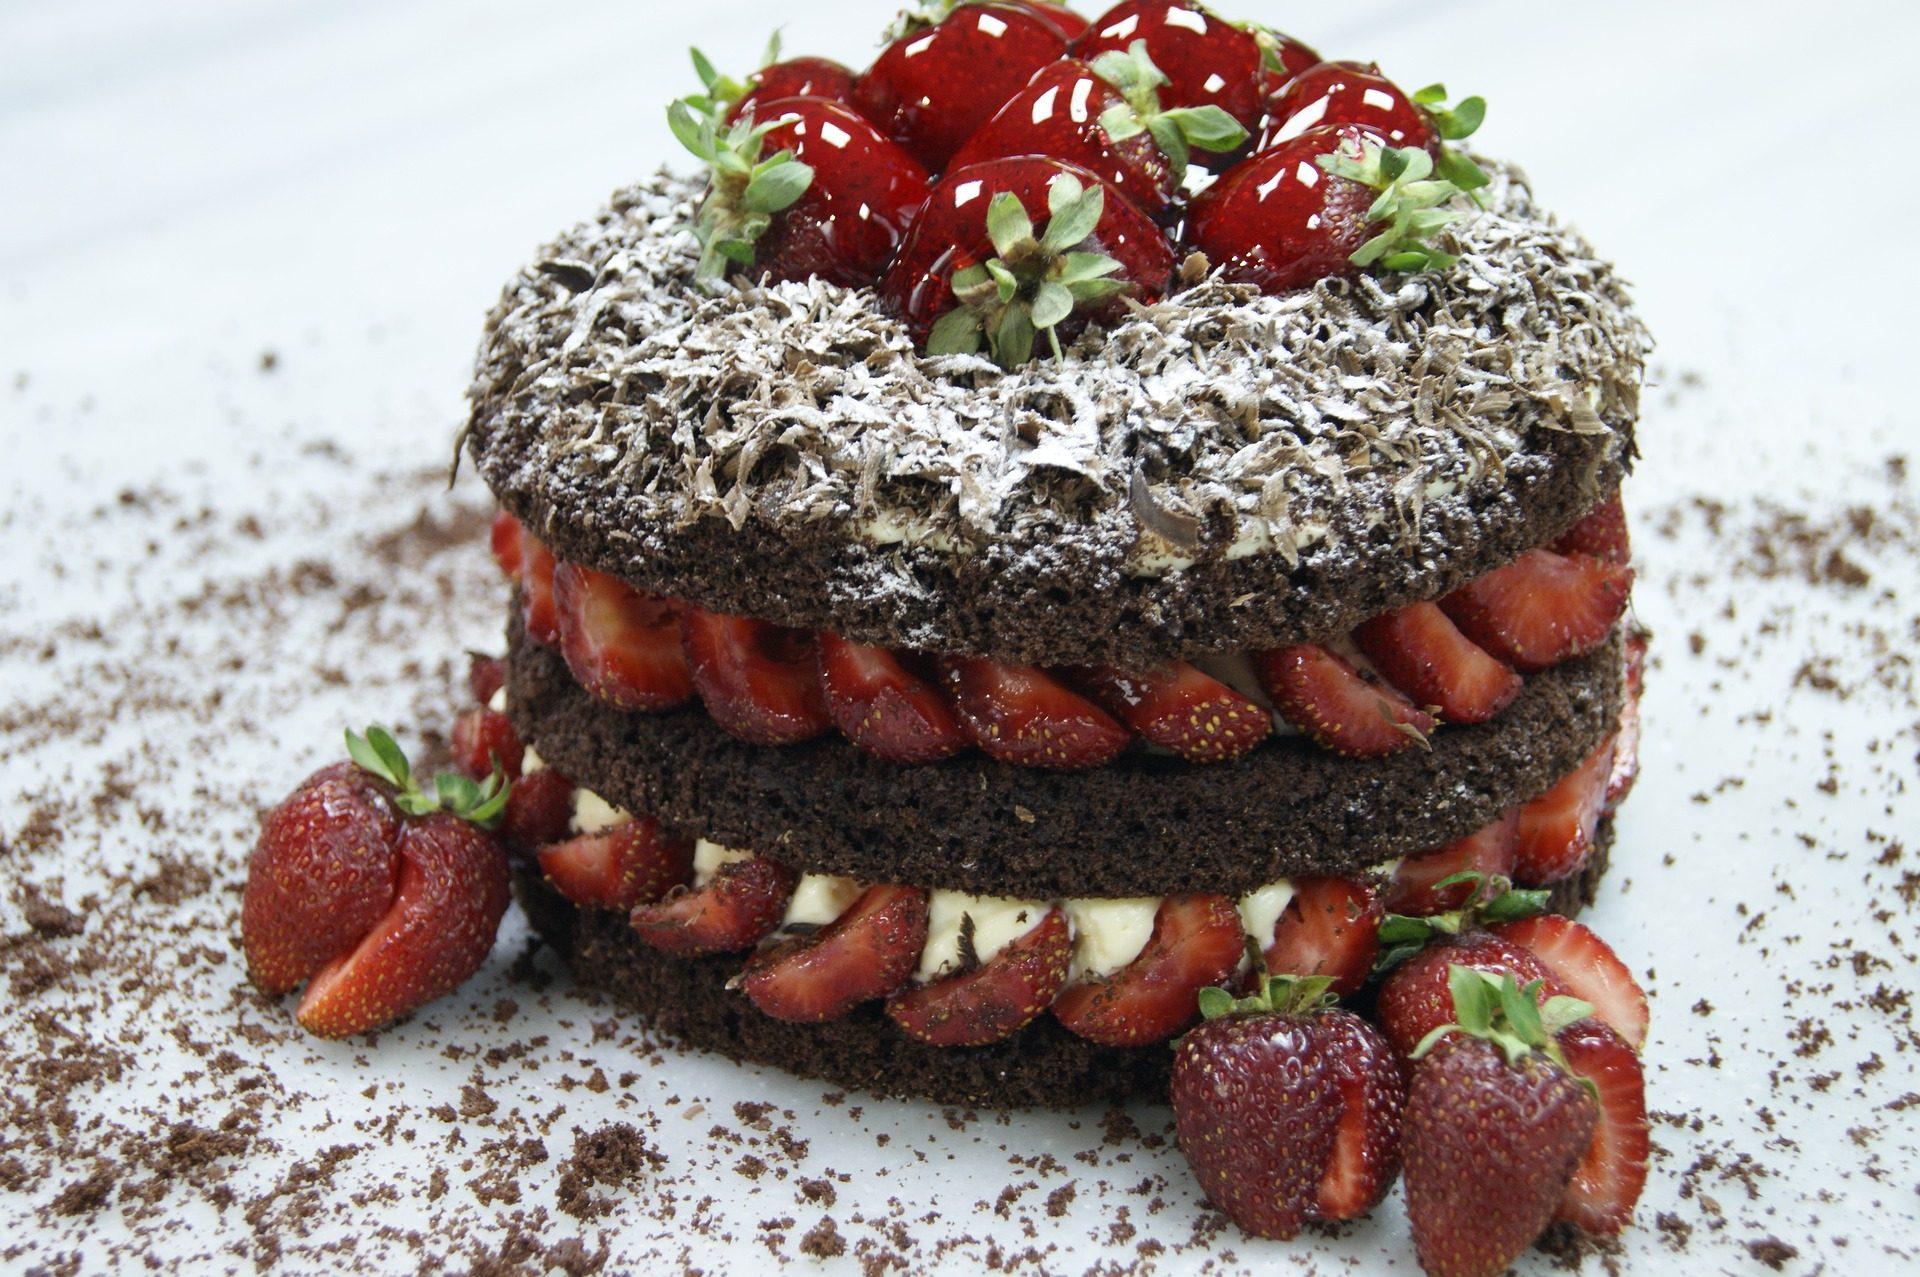 tarta, торт, Клубника, Шоколад, вкусный, сладкий - Обои HD - Профессор falken.com